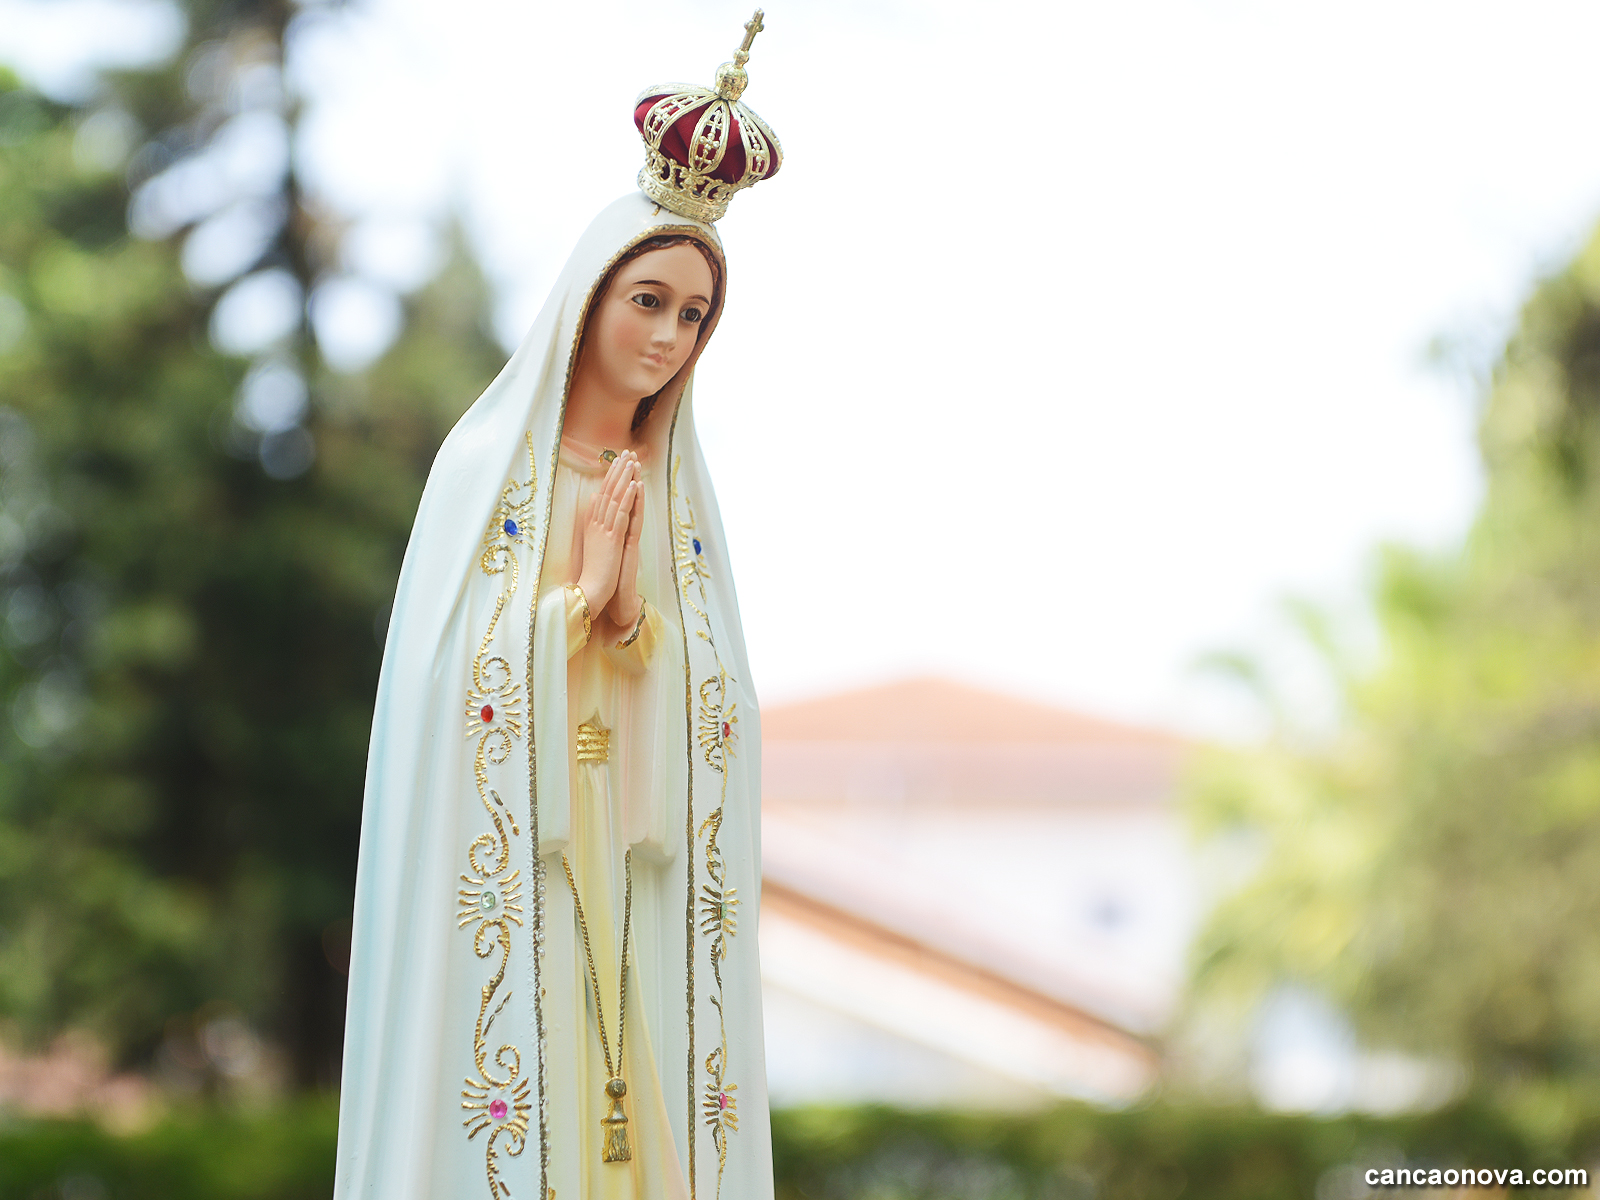 Novena A Nossa Senhora De Fatima Cancao Nova Portugal